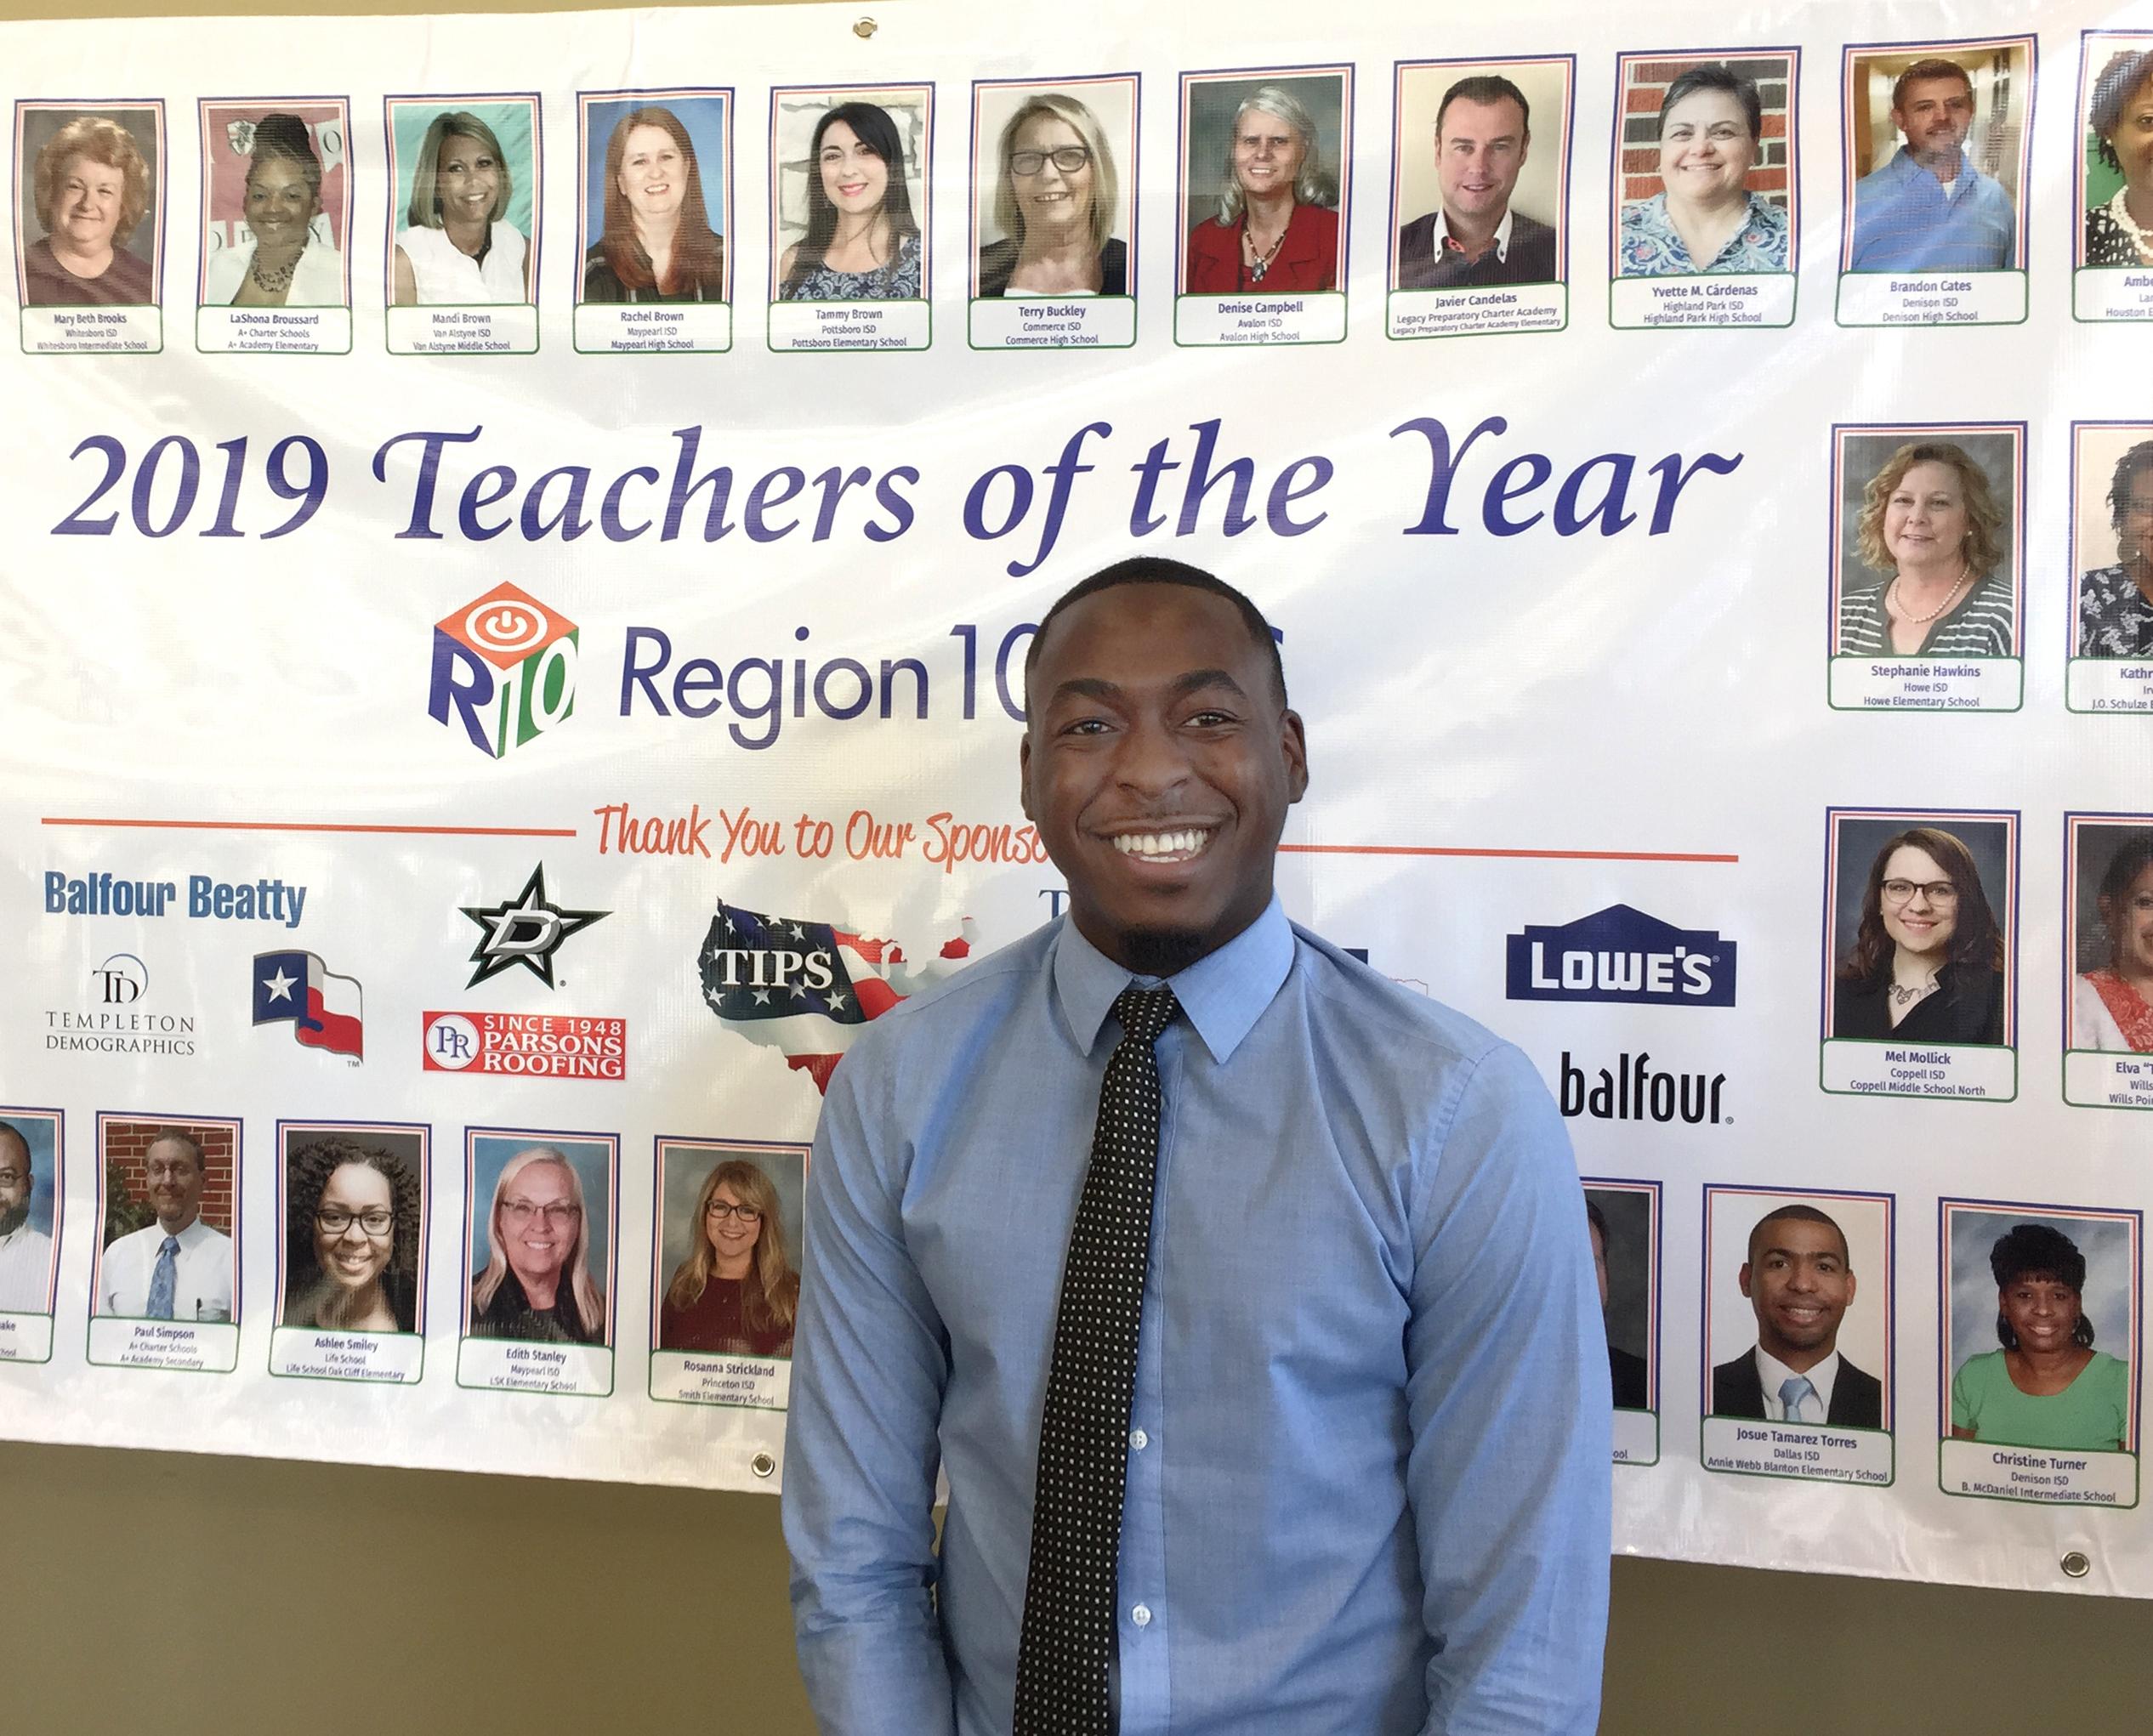 Aug  2, 2018 - Region 10 Names Mitchell Teacher as a Top Three 2019